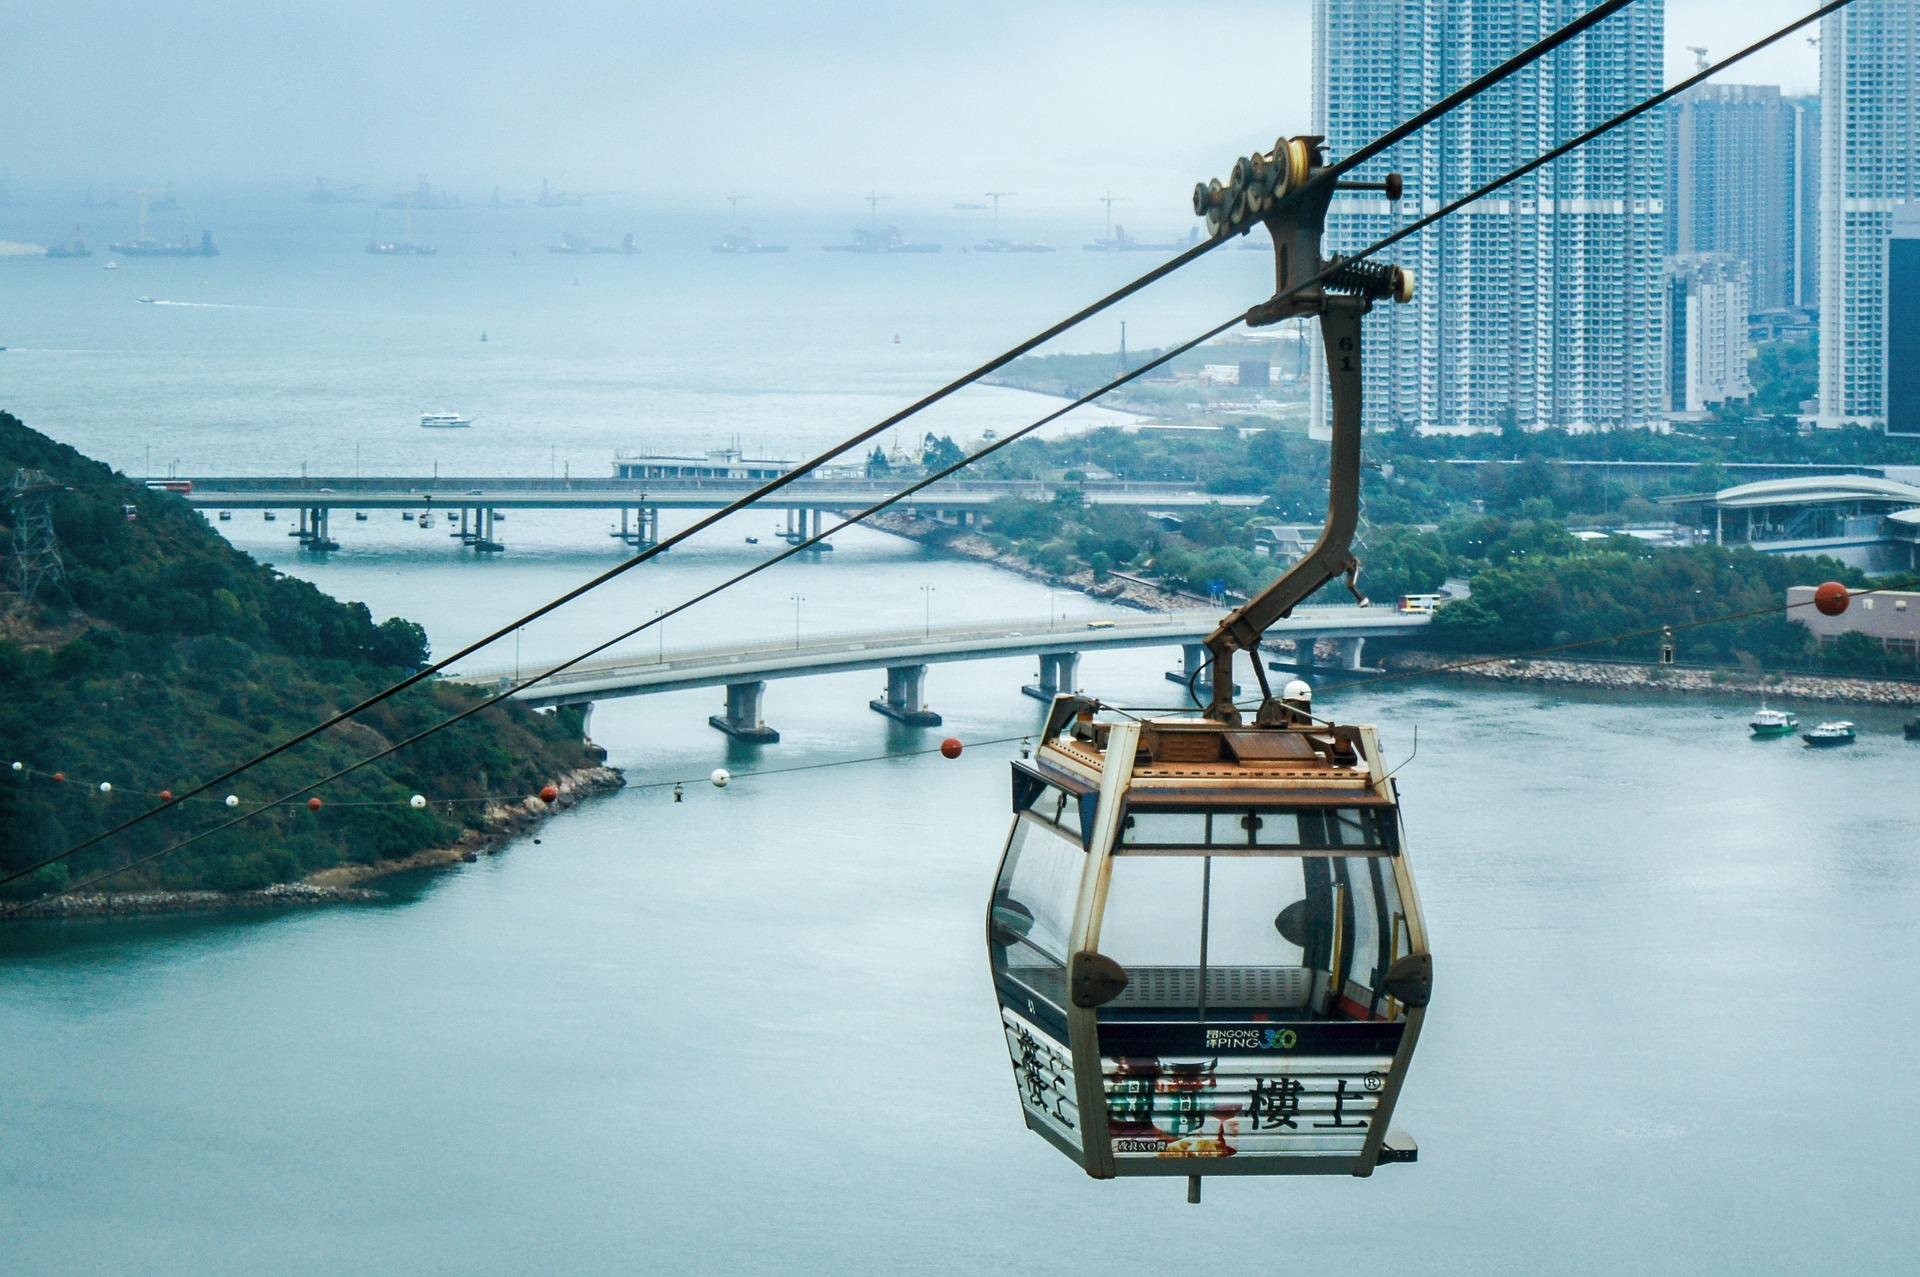 Hong Kong cable car travel guide